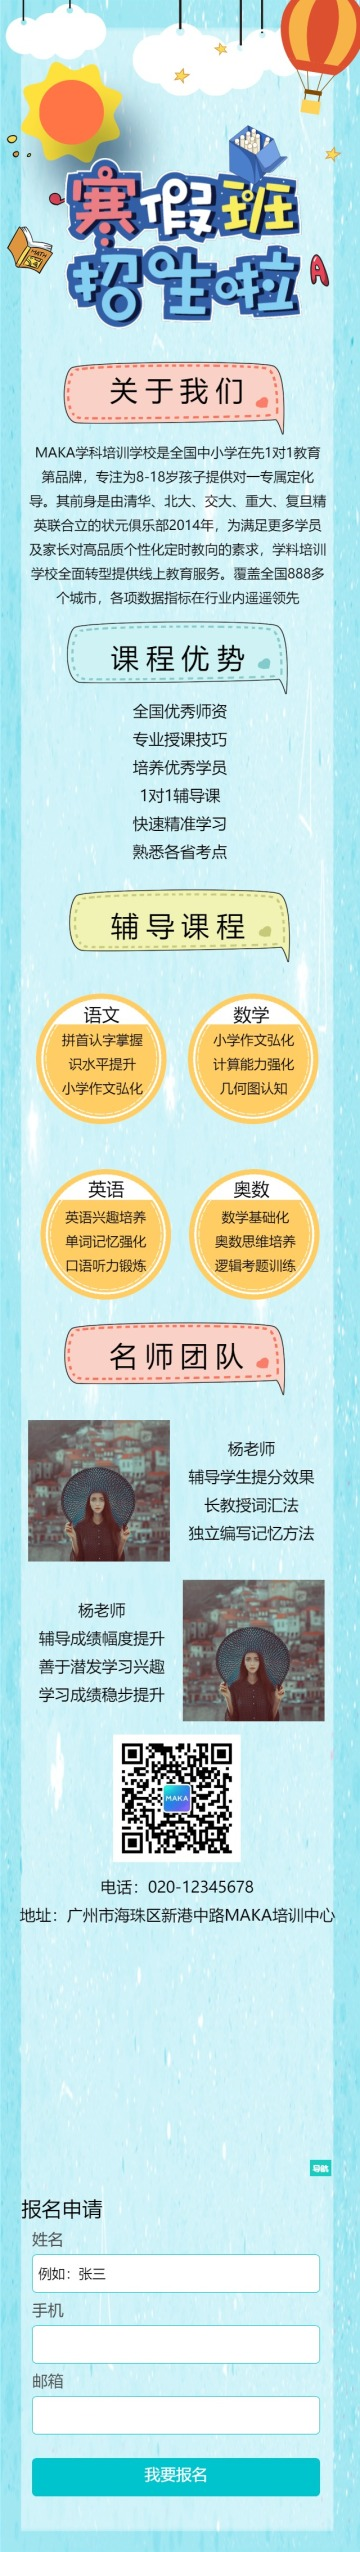 清新文艺手绘风招生培训单页宣传活动推广